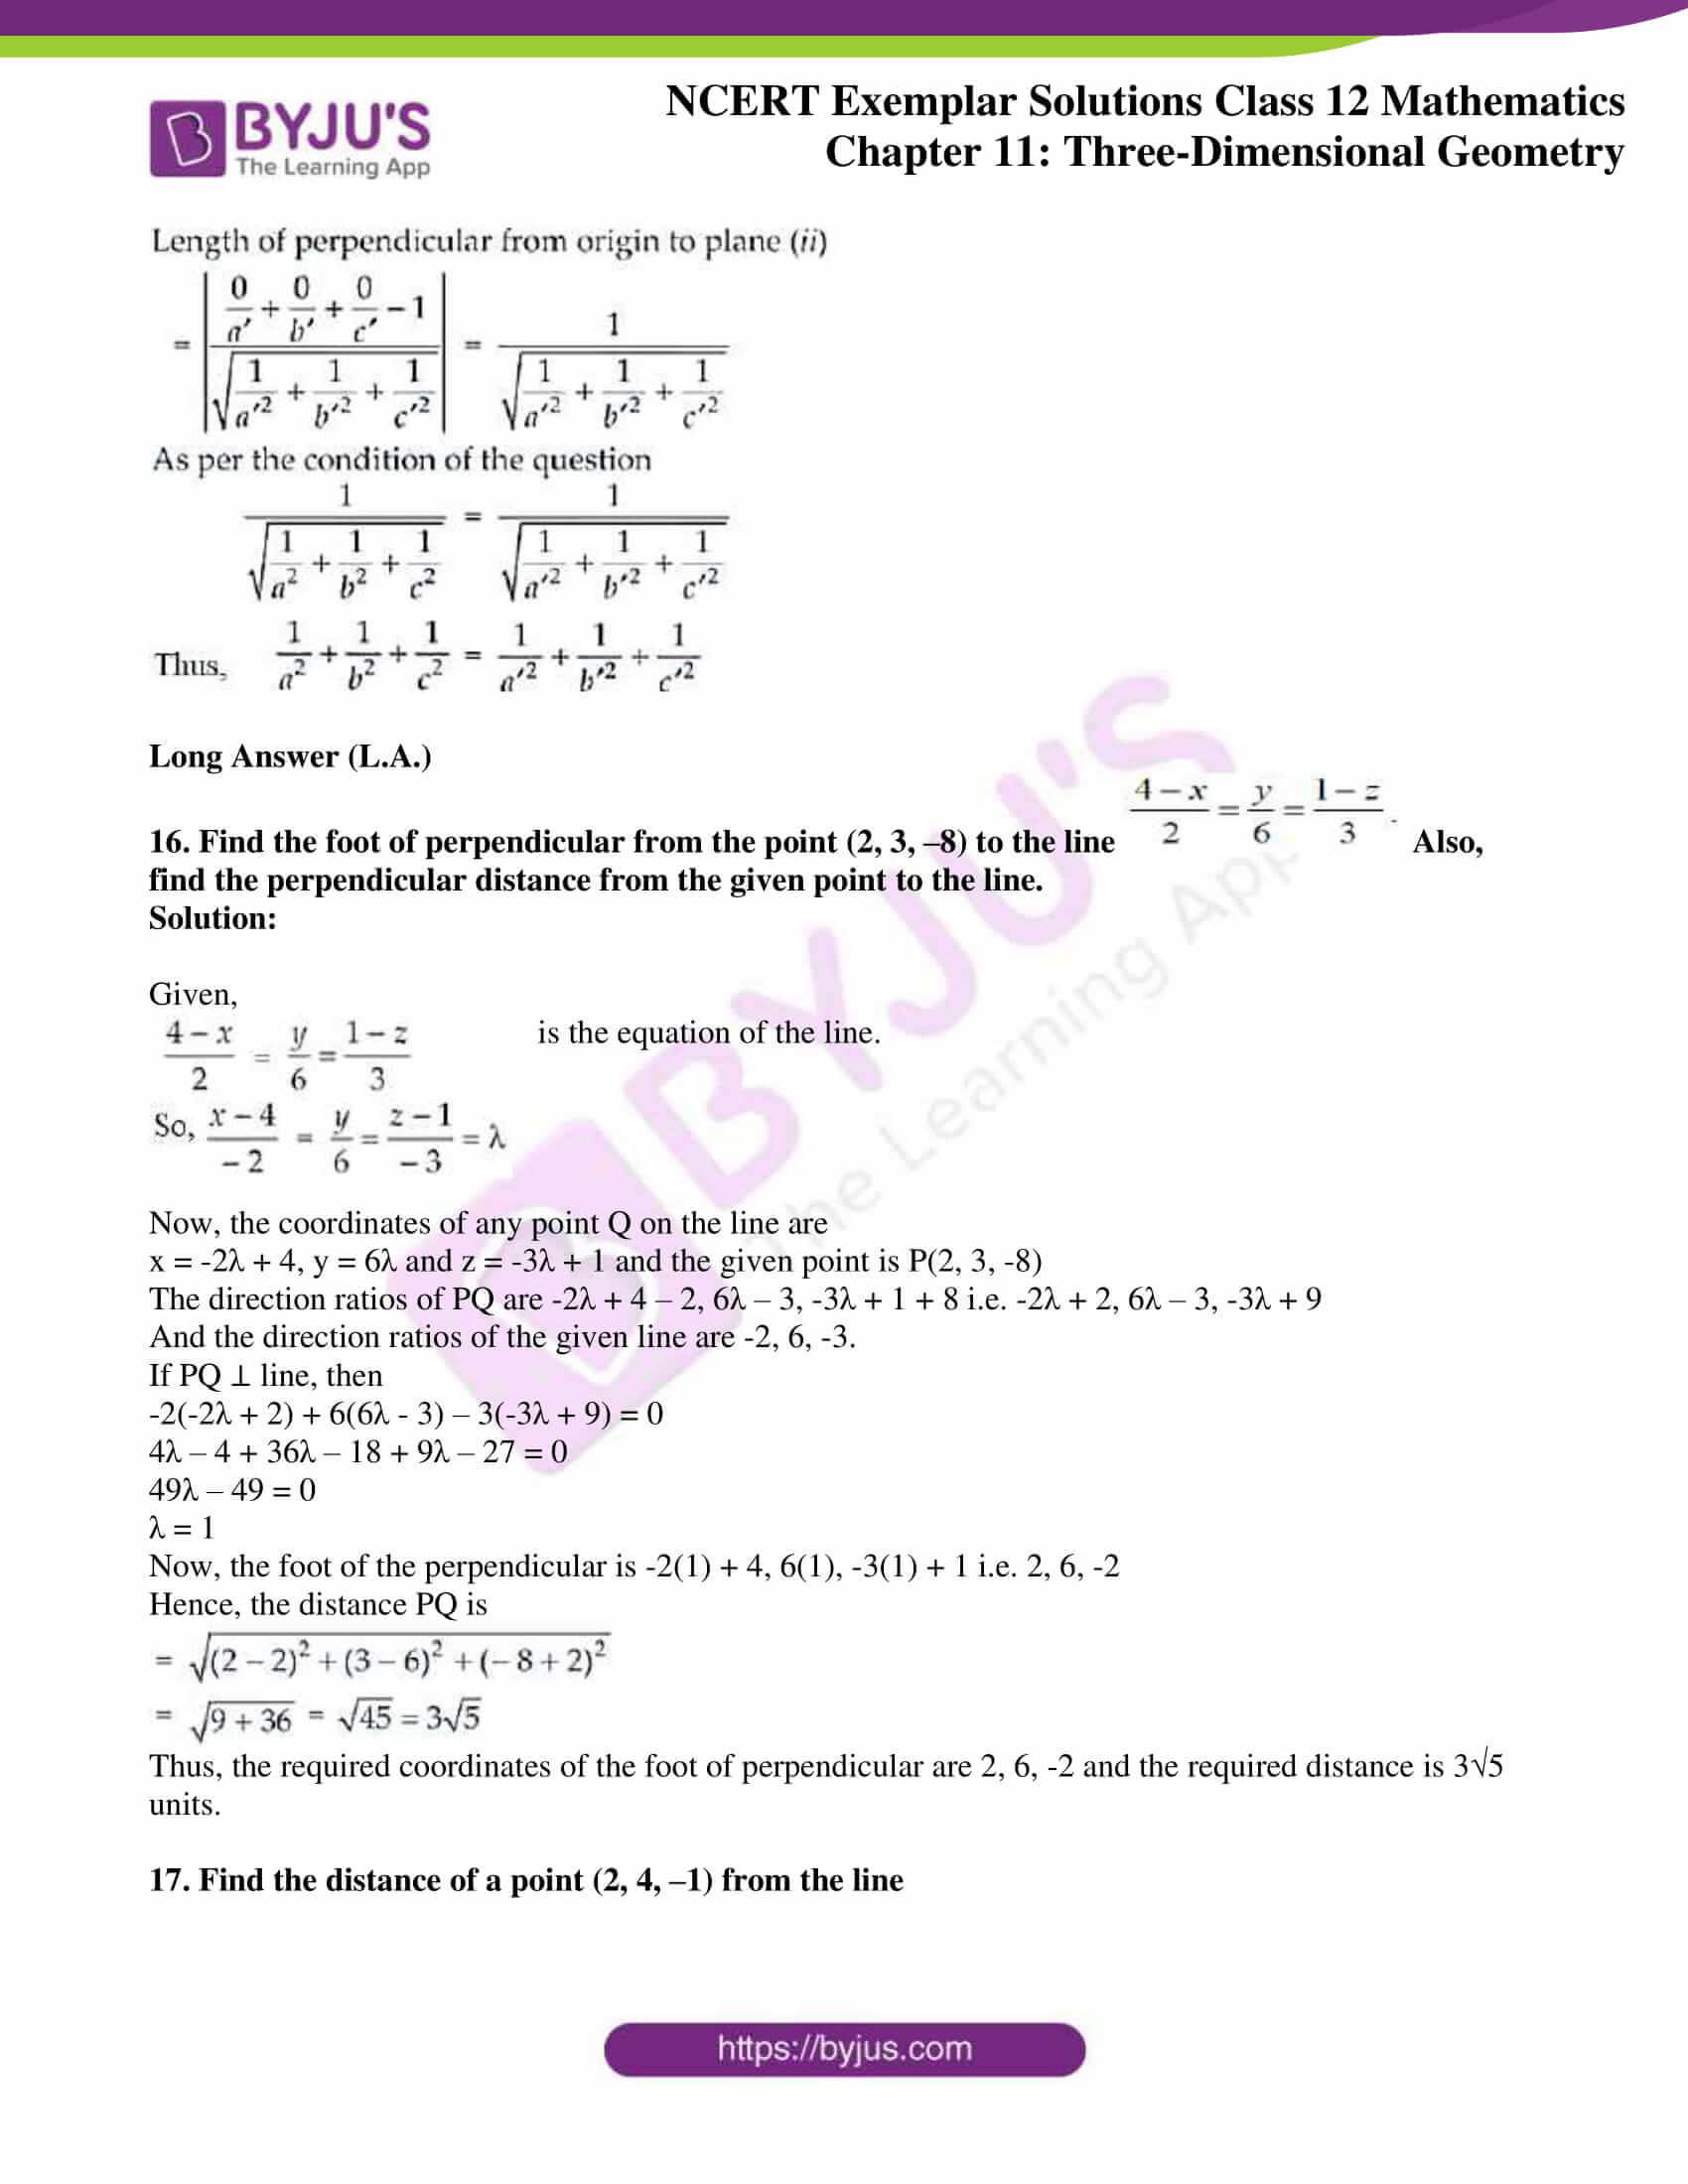 ncert exemplar sol class 12 mathematics ch 11 09